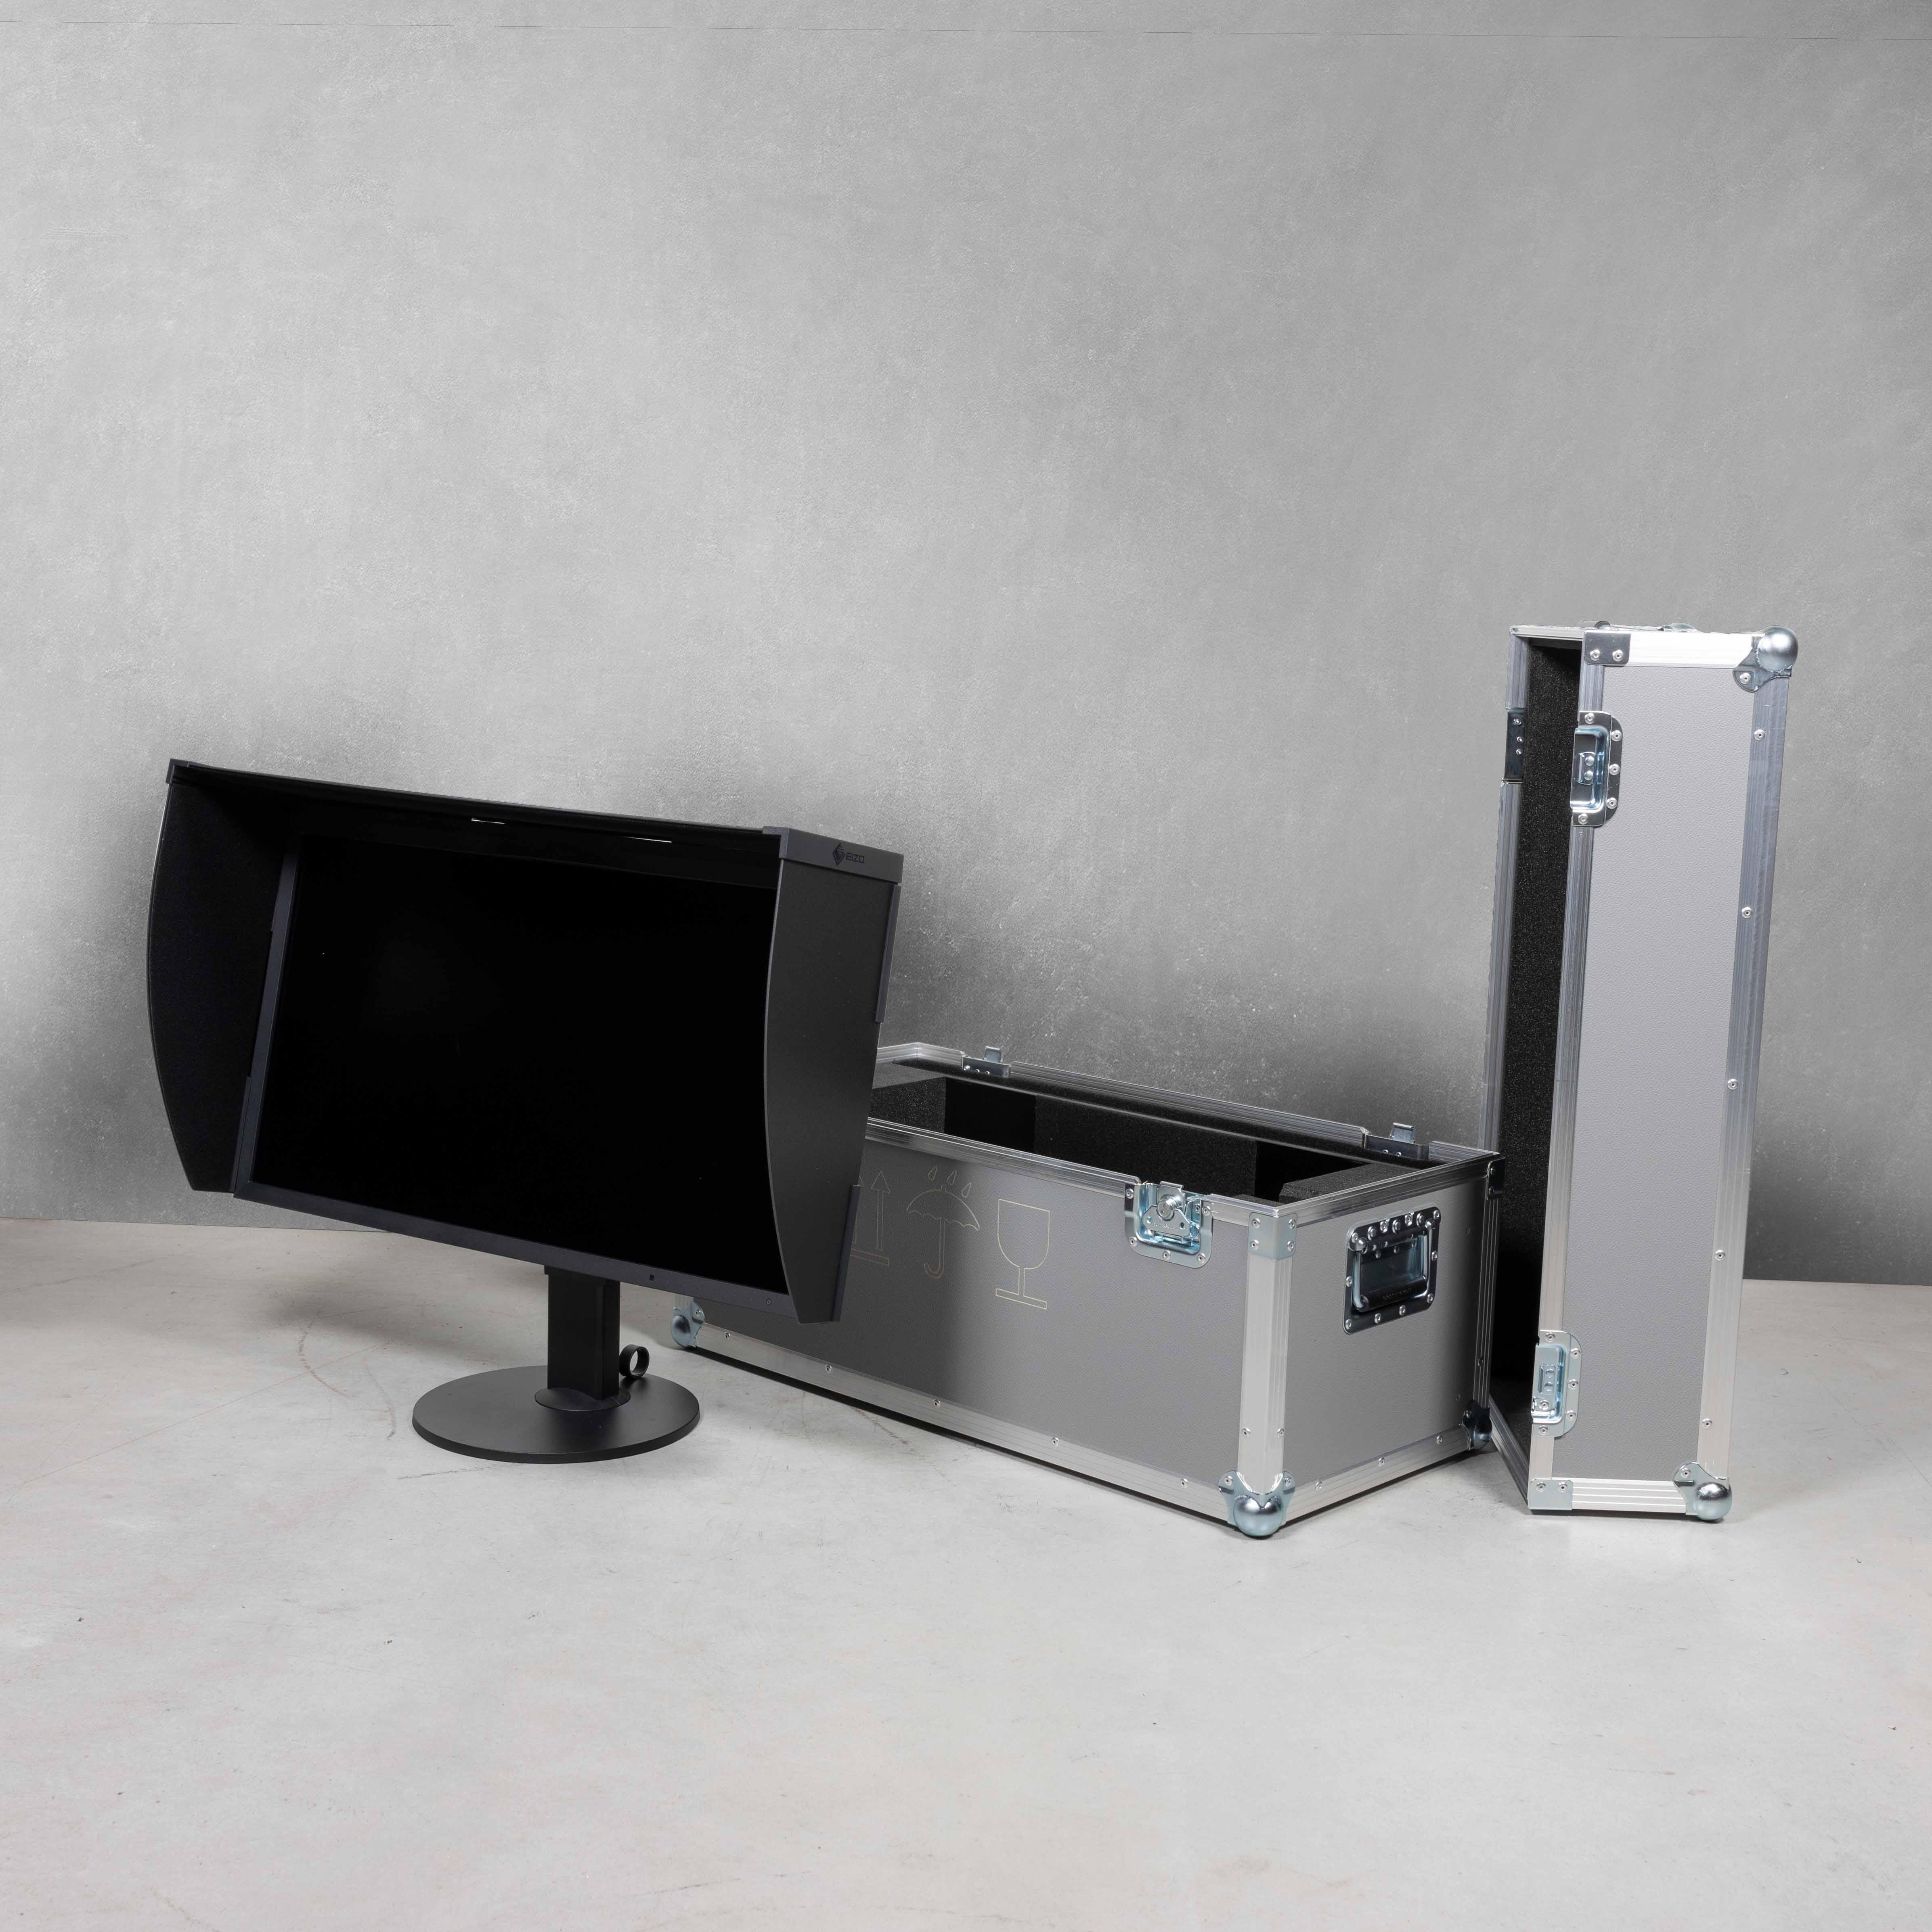 """Haubencase für ein Eizo ColorEdge CG319X 31,1"""" Monitor"""